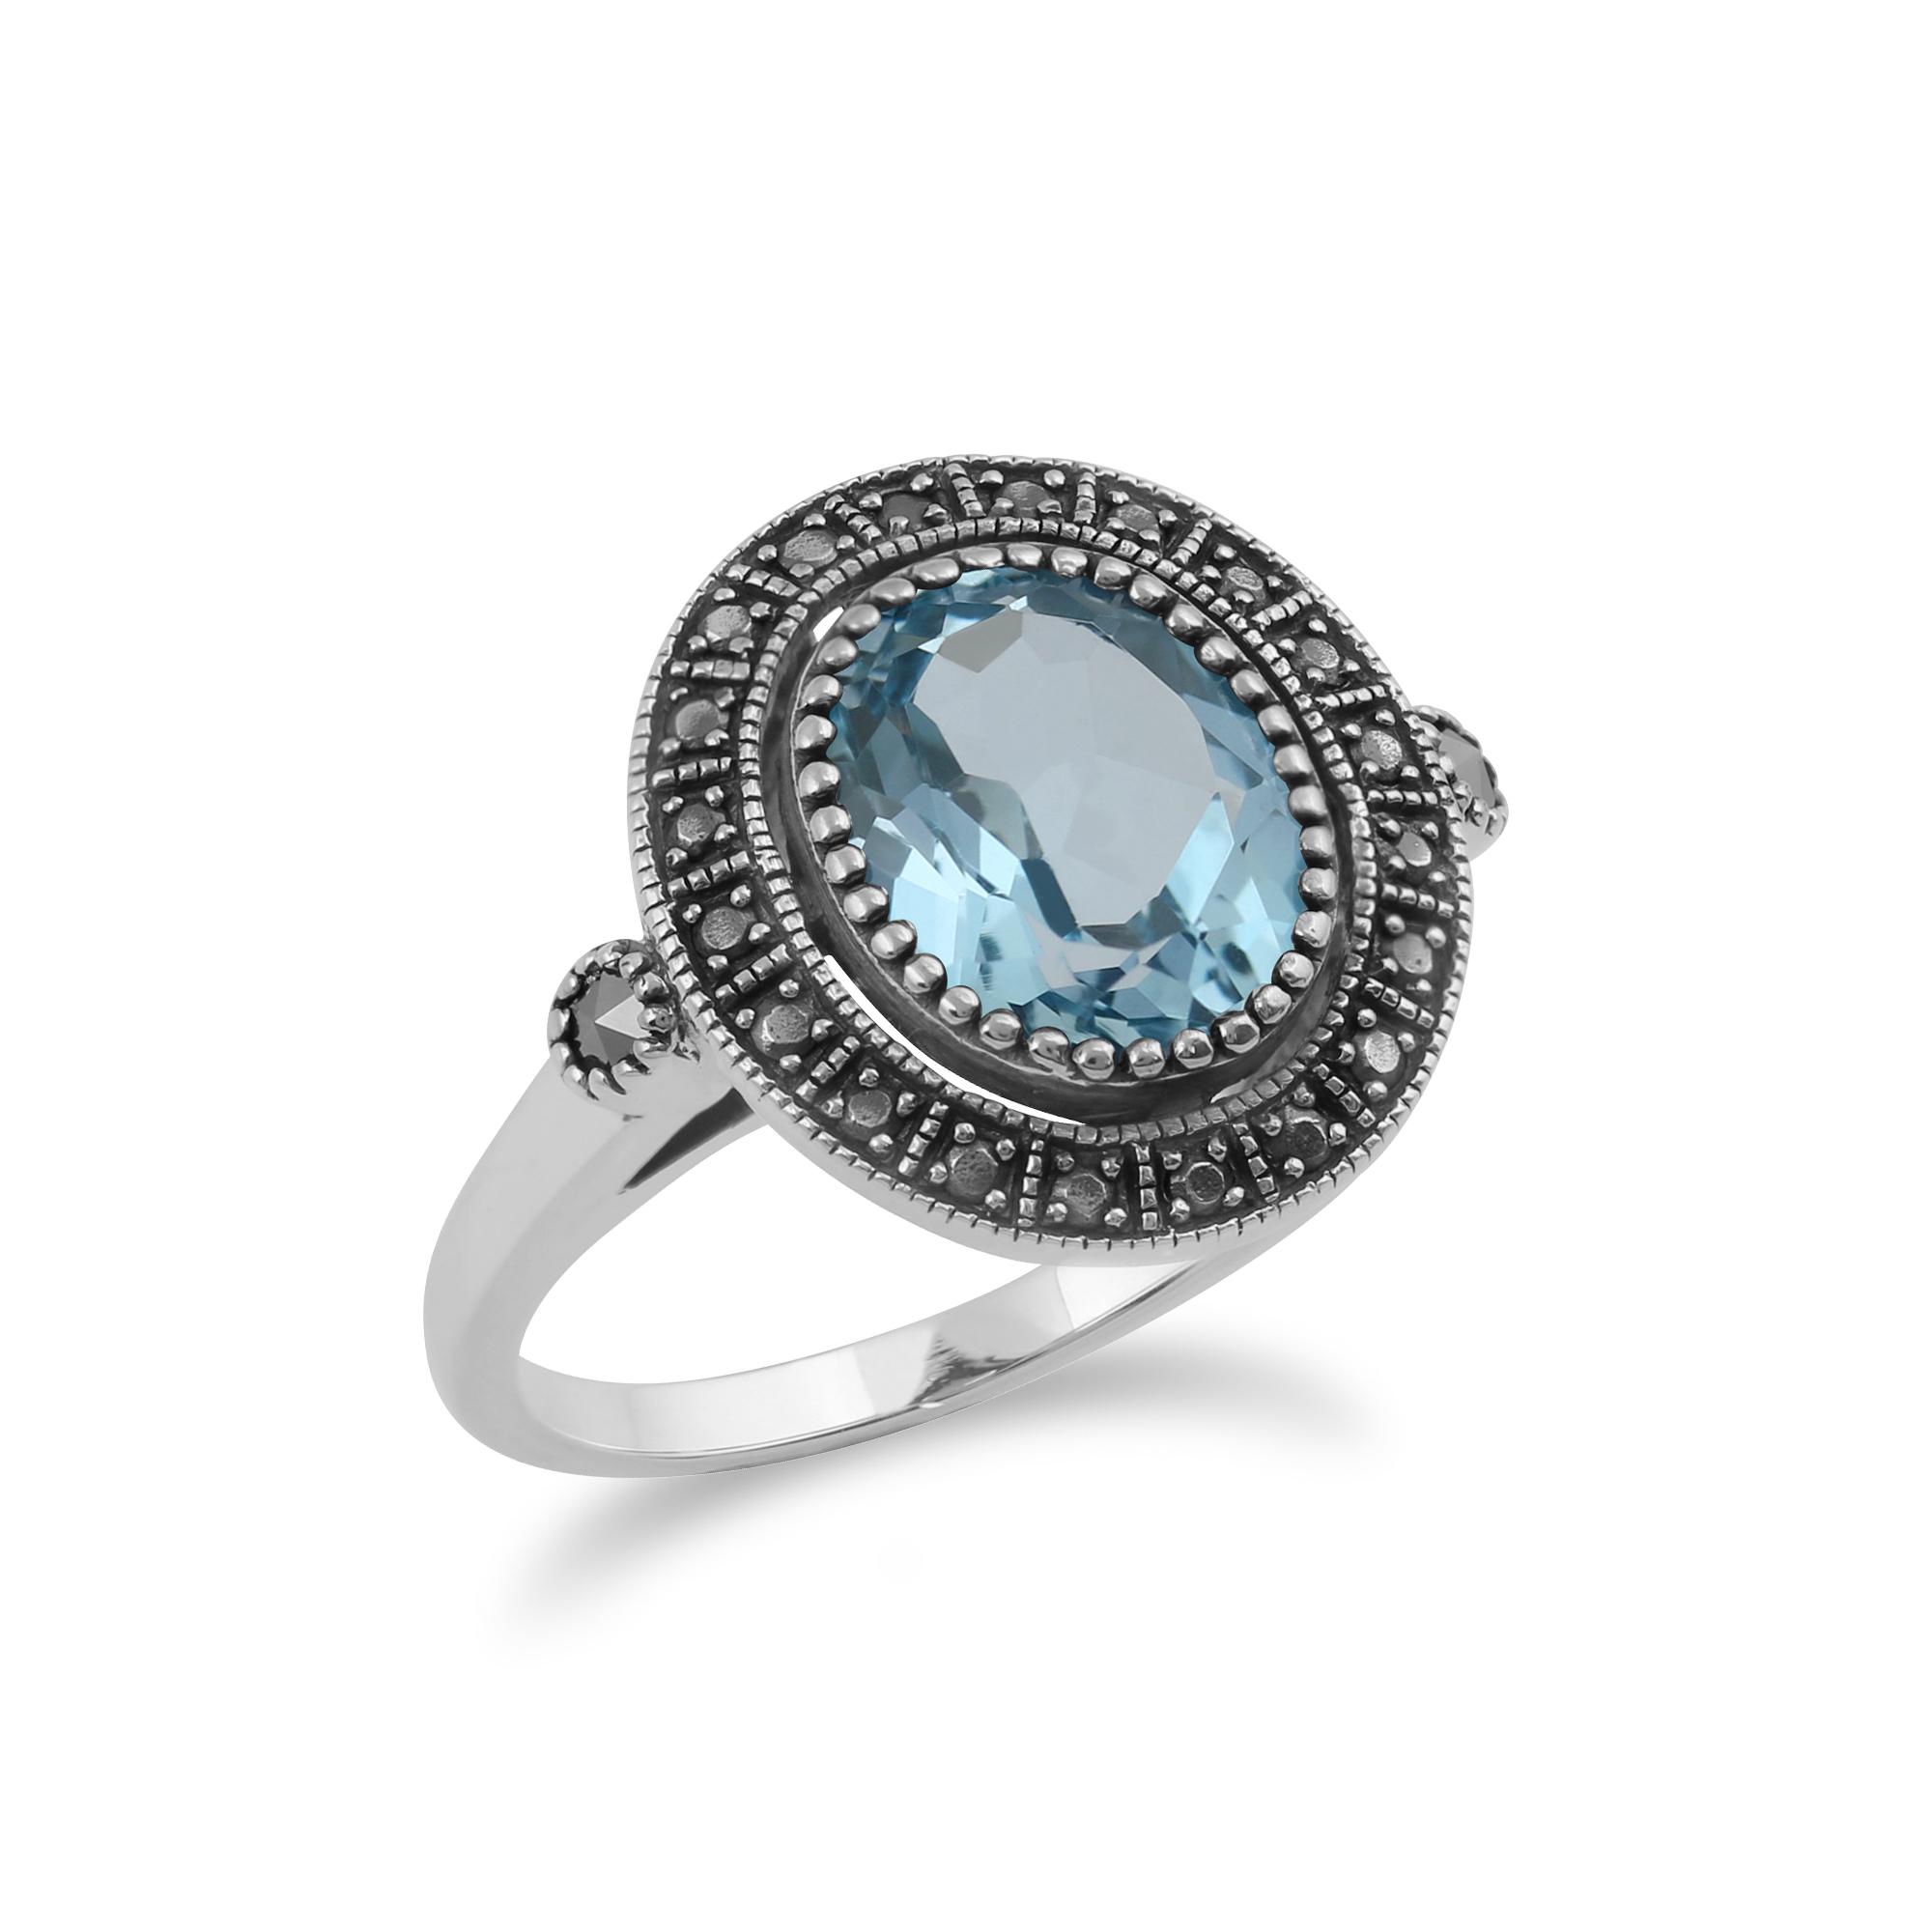 gemondo sterling silver blue topaz marcasite antique